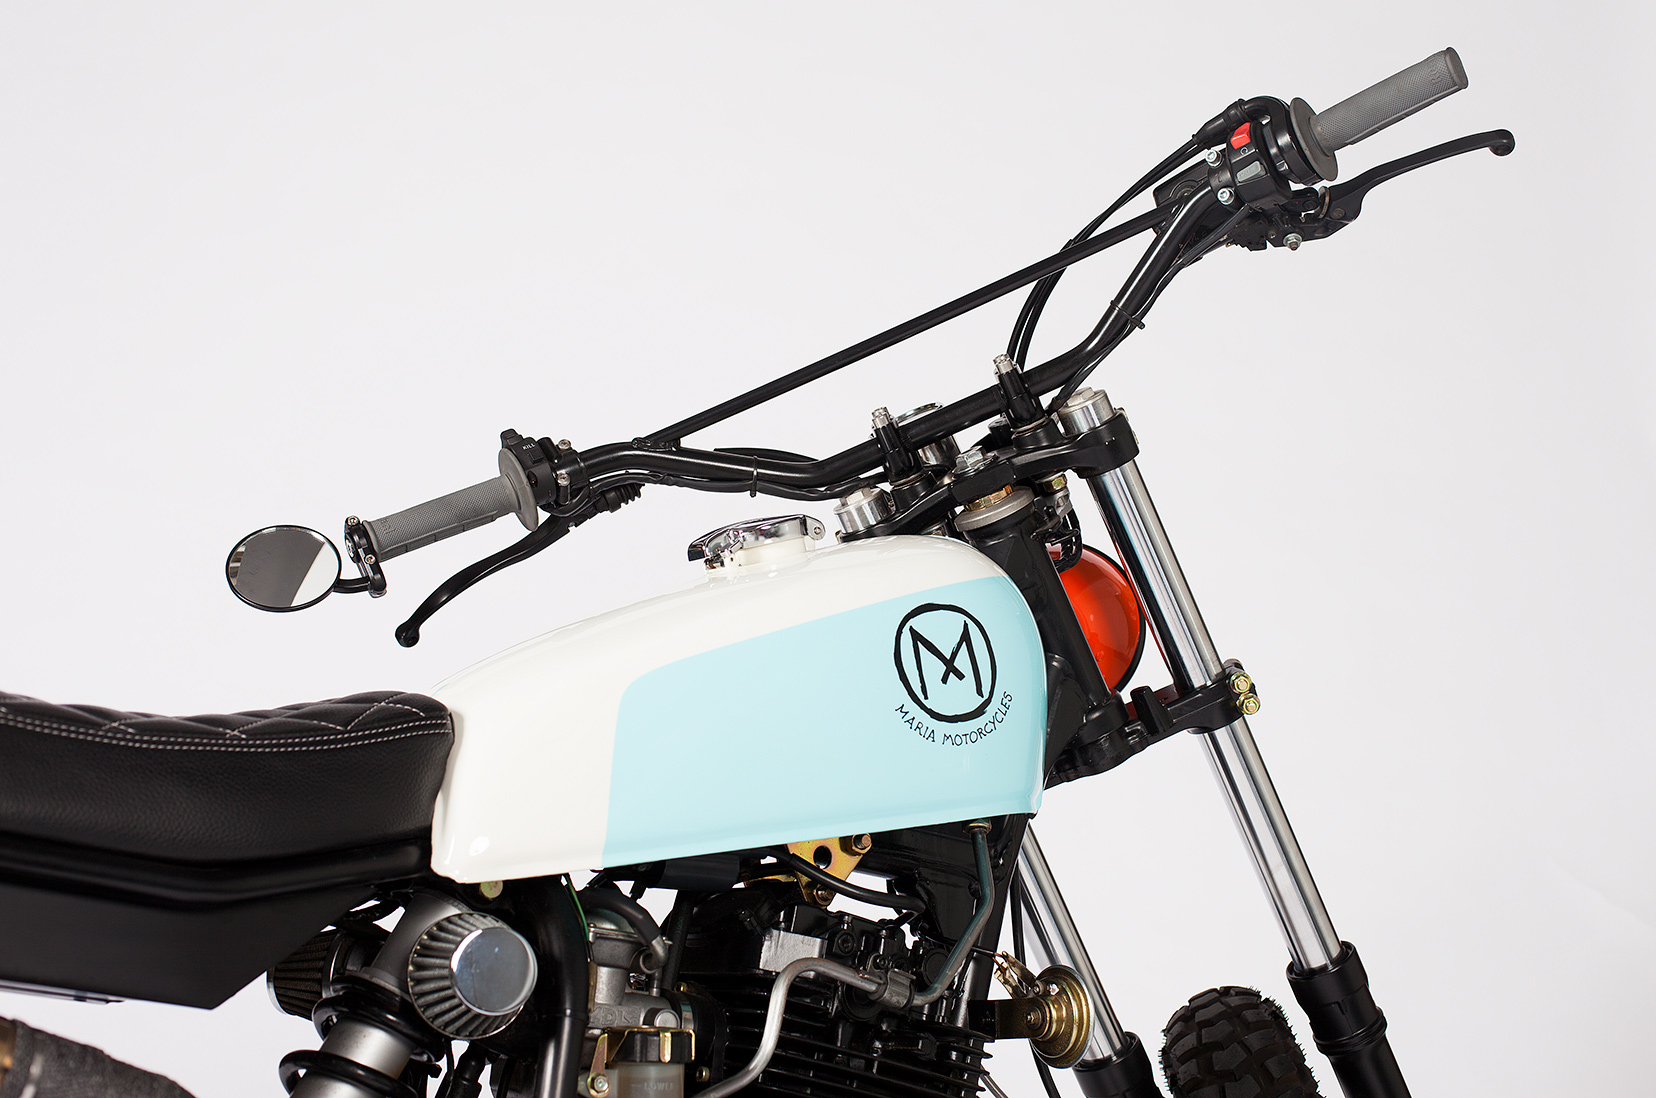 maria_motorcycles_yamaha_xt600_dirtygeisha2057